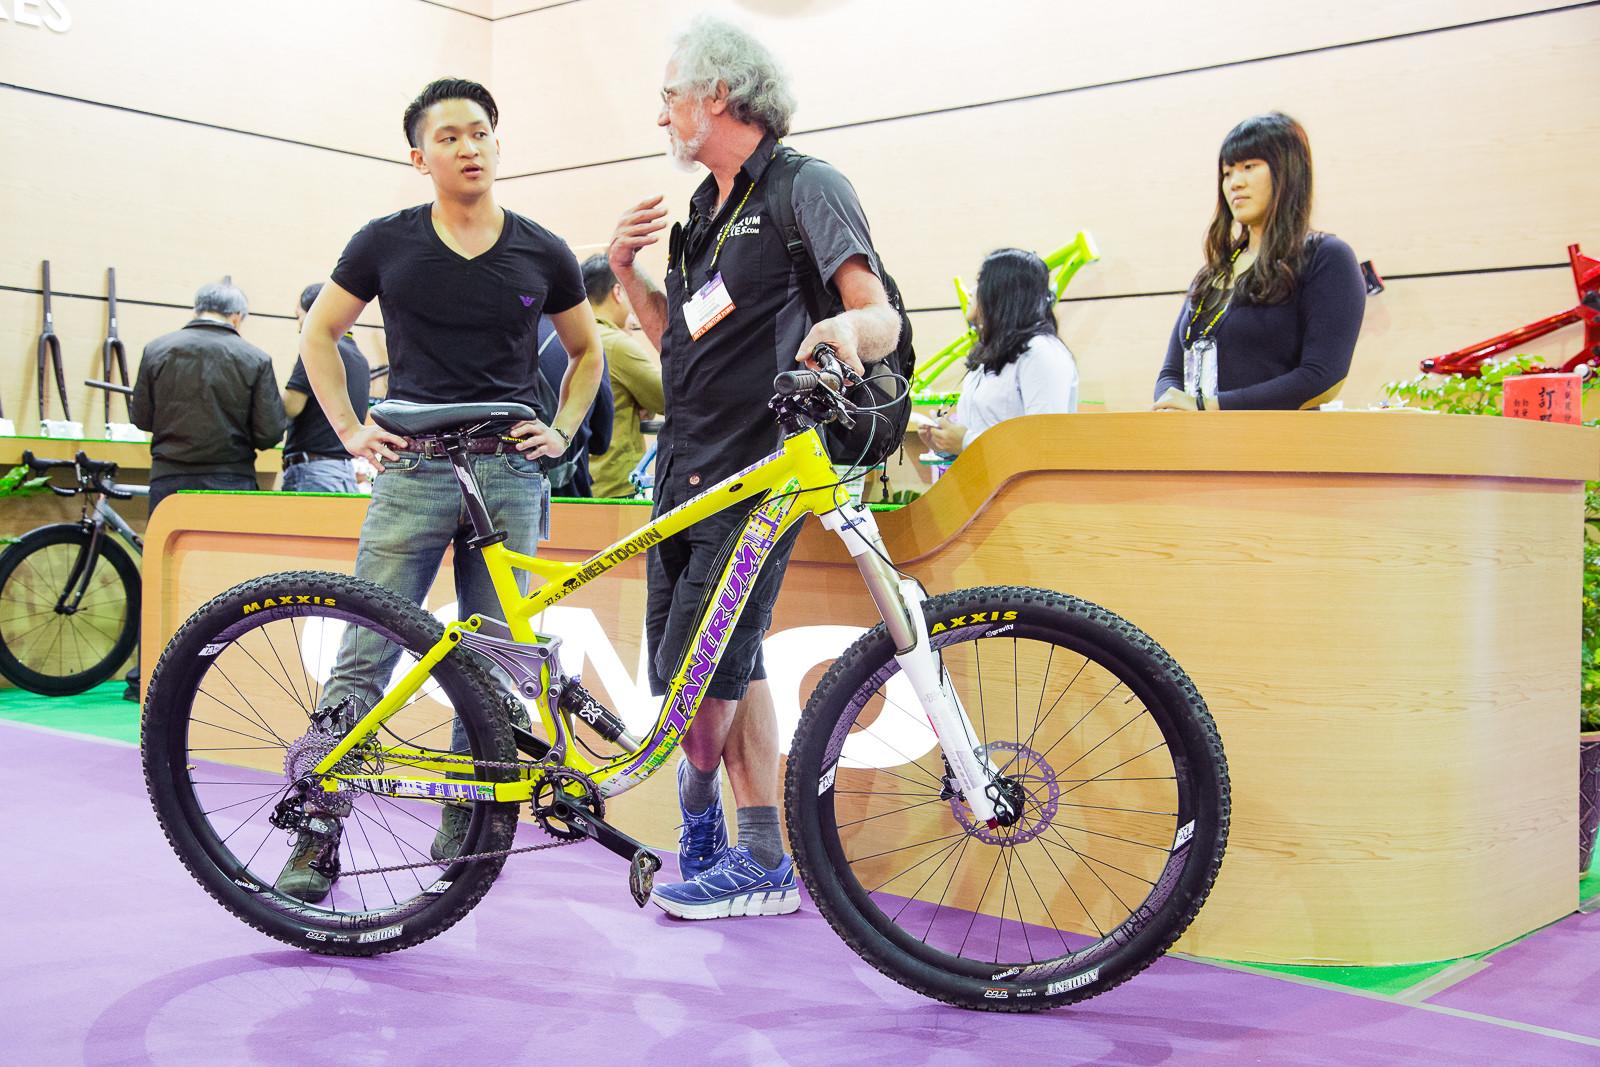 2017 Tantrum Meltdown - 2016 Taipei Bike Show - Mountain Biking Pictures - Vital MTB